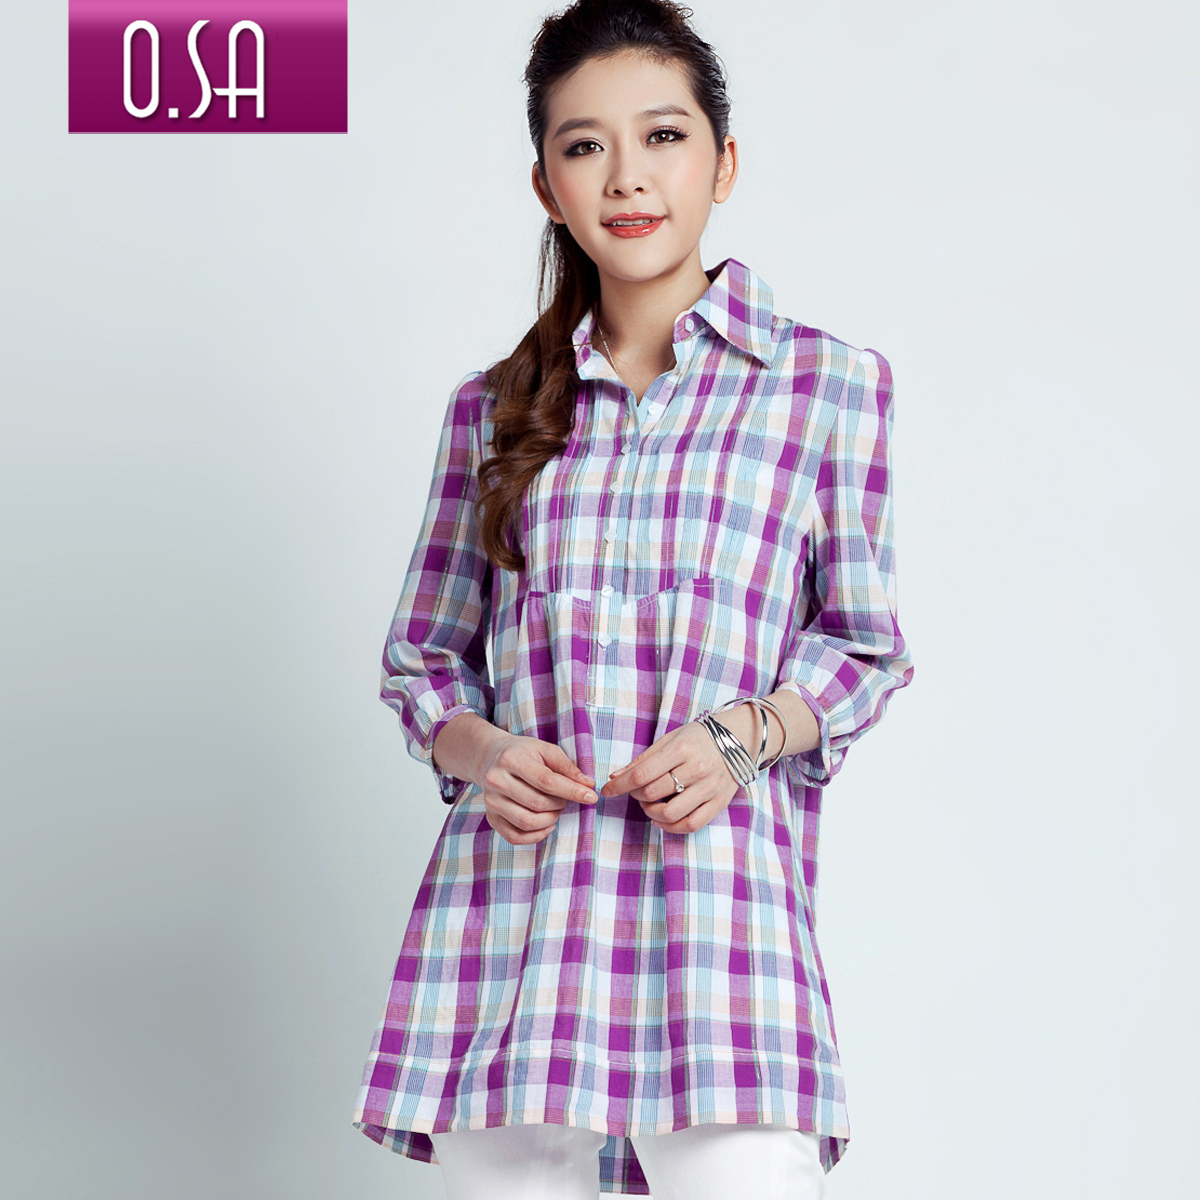 женская рубашка OSA sc90202 O.SA OL C90202 Casual В клетку